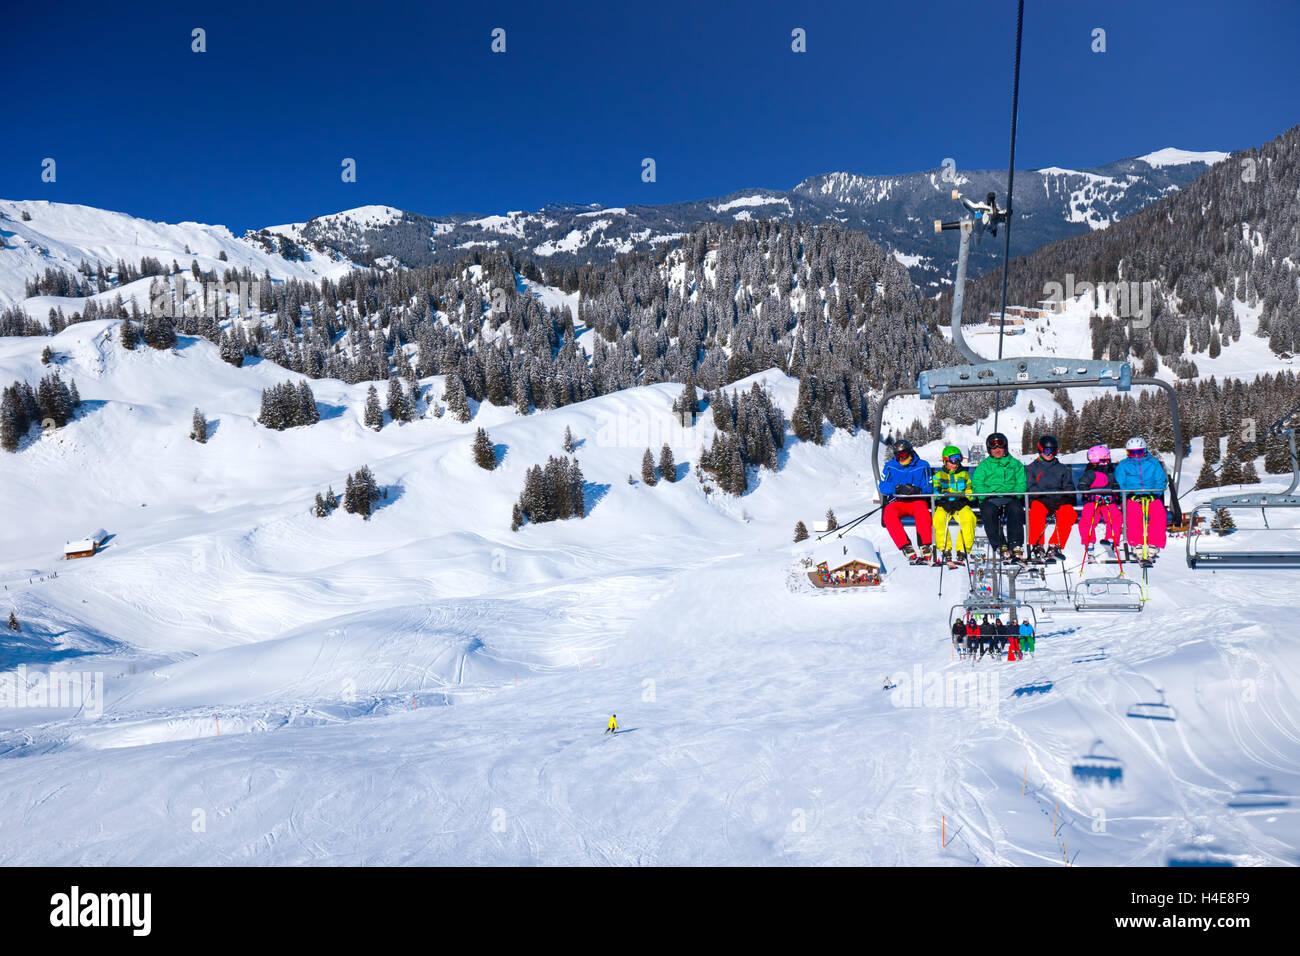 Skiers on chair lift in the Hoch-Ybrig ski resort, Schwyz, Switzerland - Stock Image